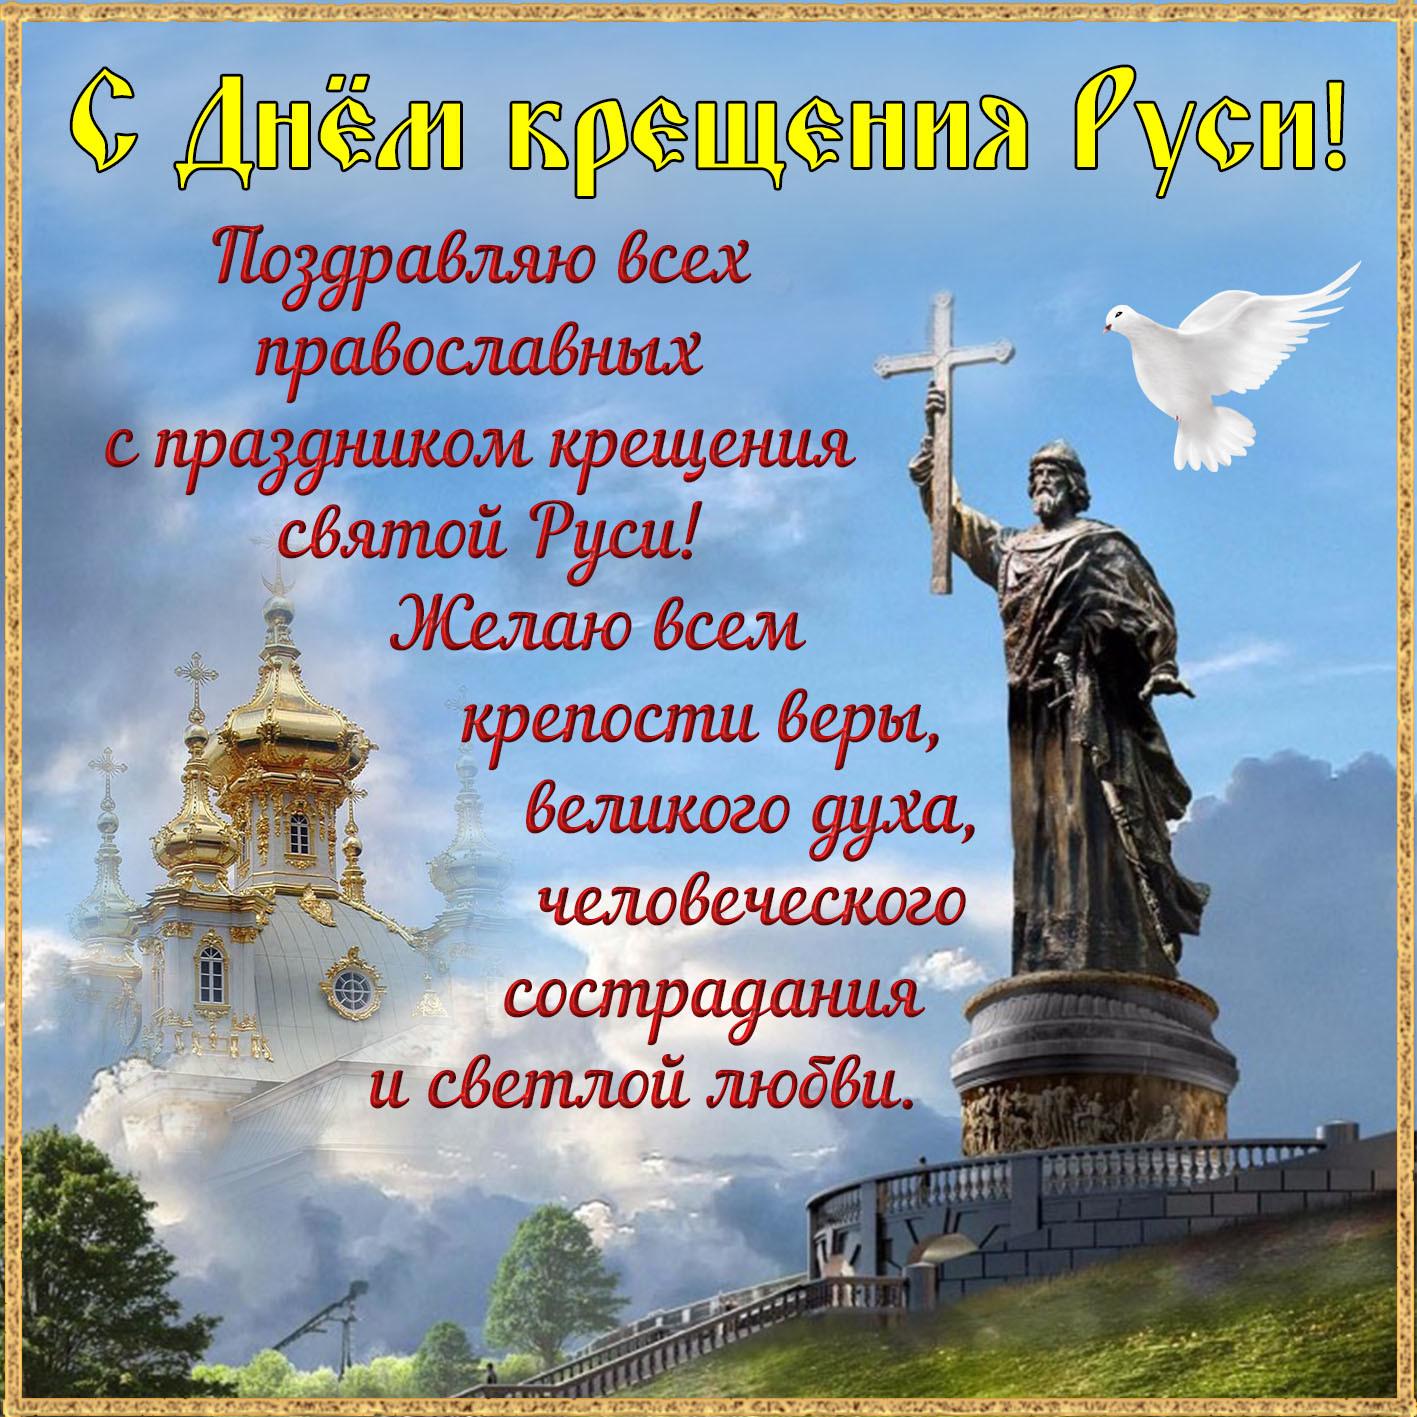 Брату, поздравления в картинках с днем крещения руси